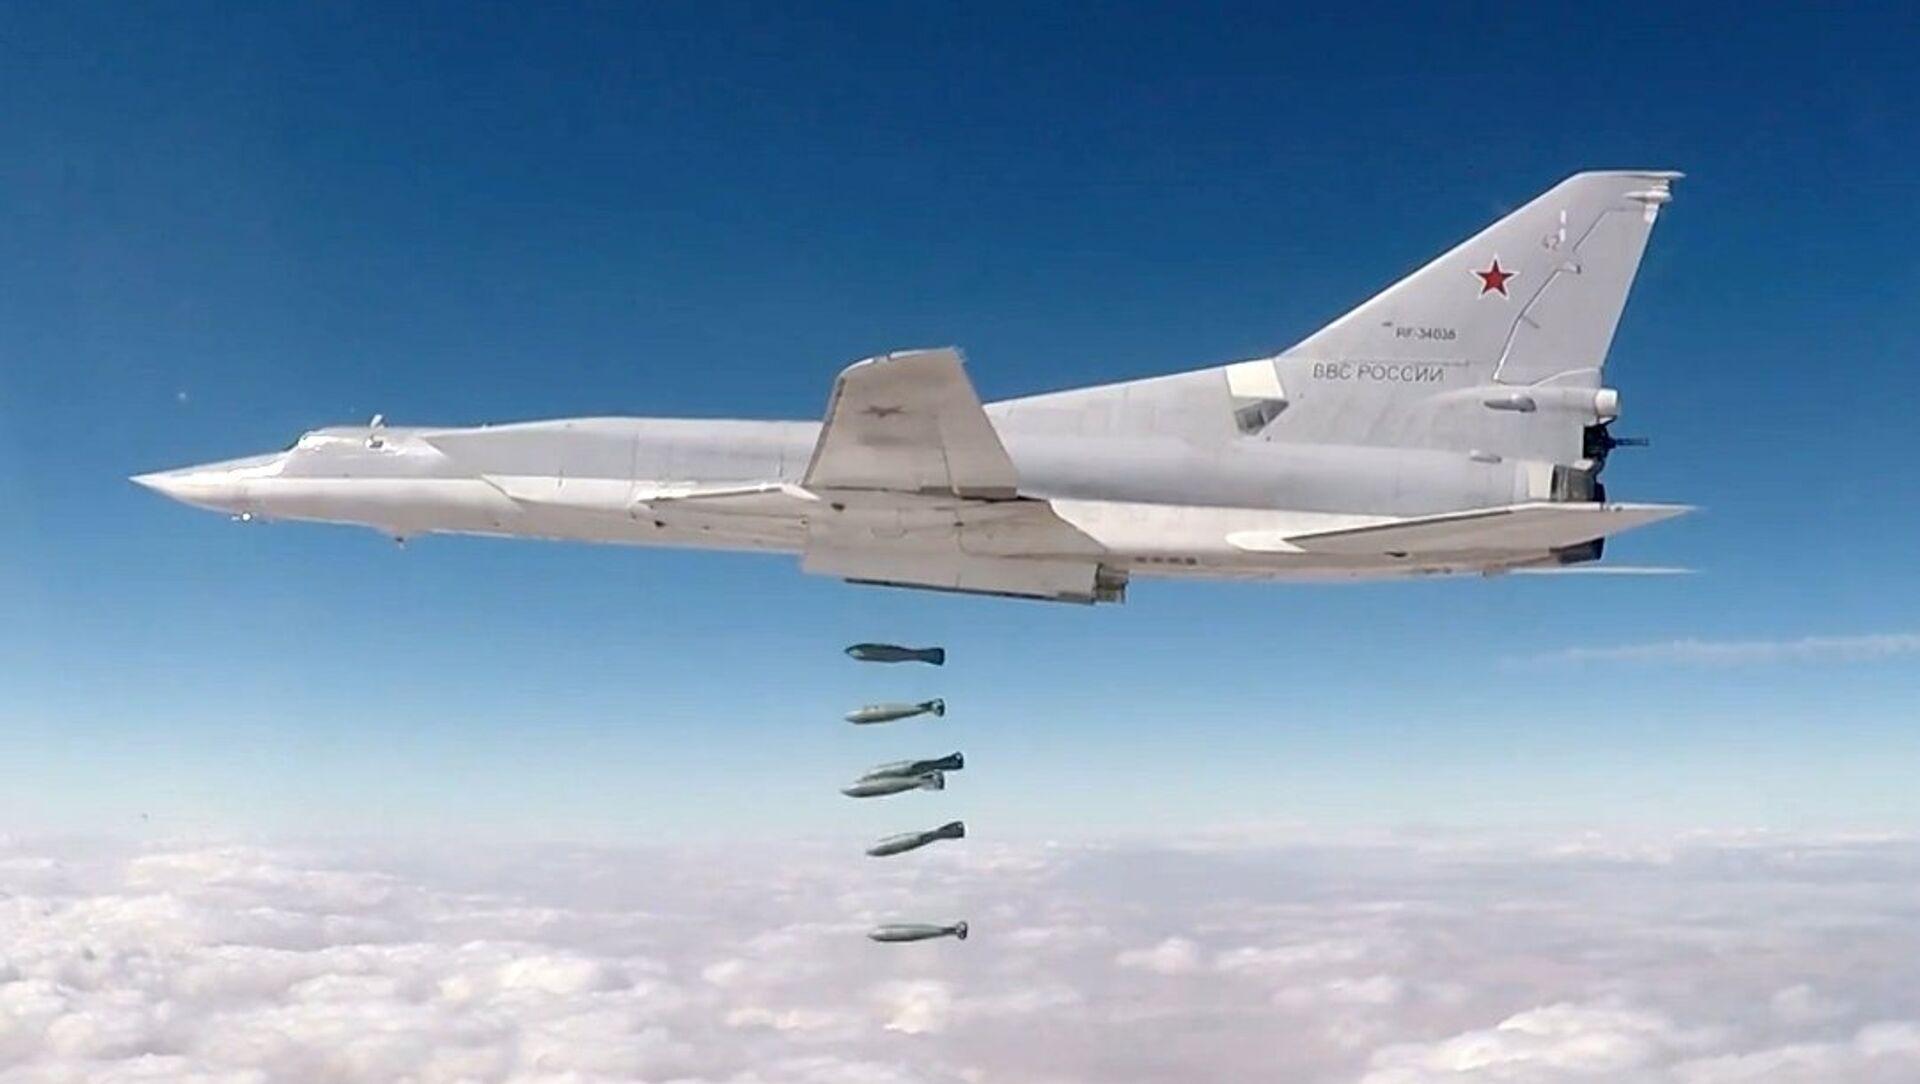 Máy bay ném bom hiện đại Tu-22M3 - Sputnik Việt Nam, 1920, 21.05.2021